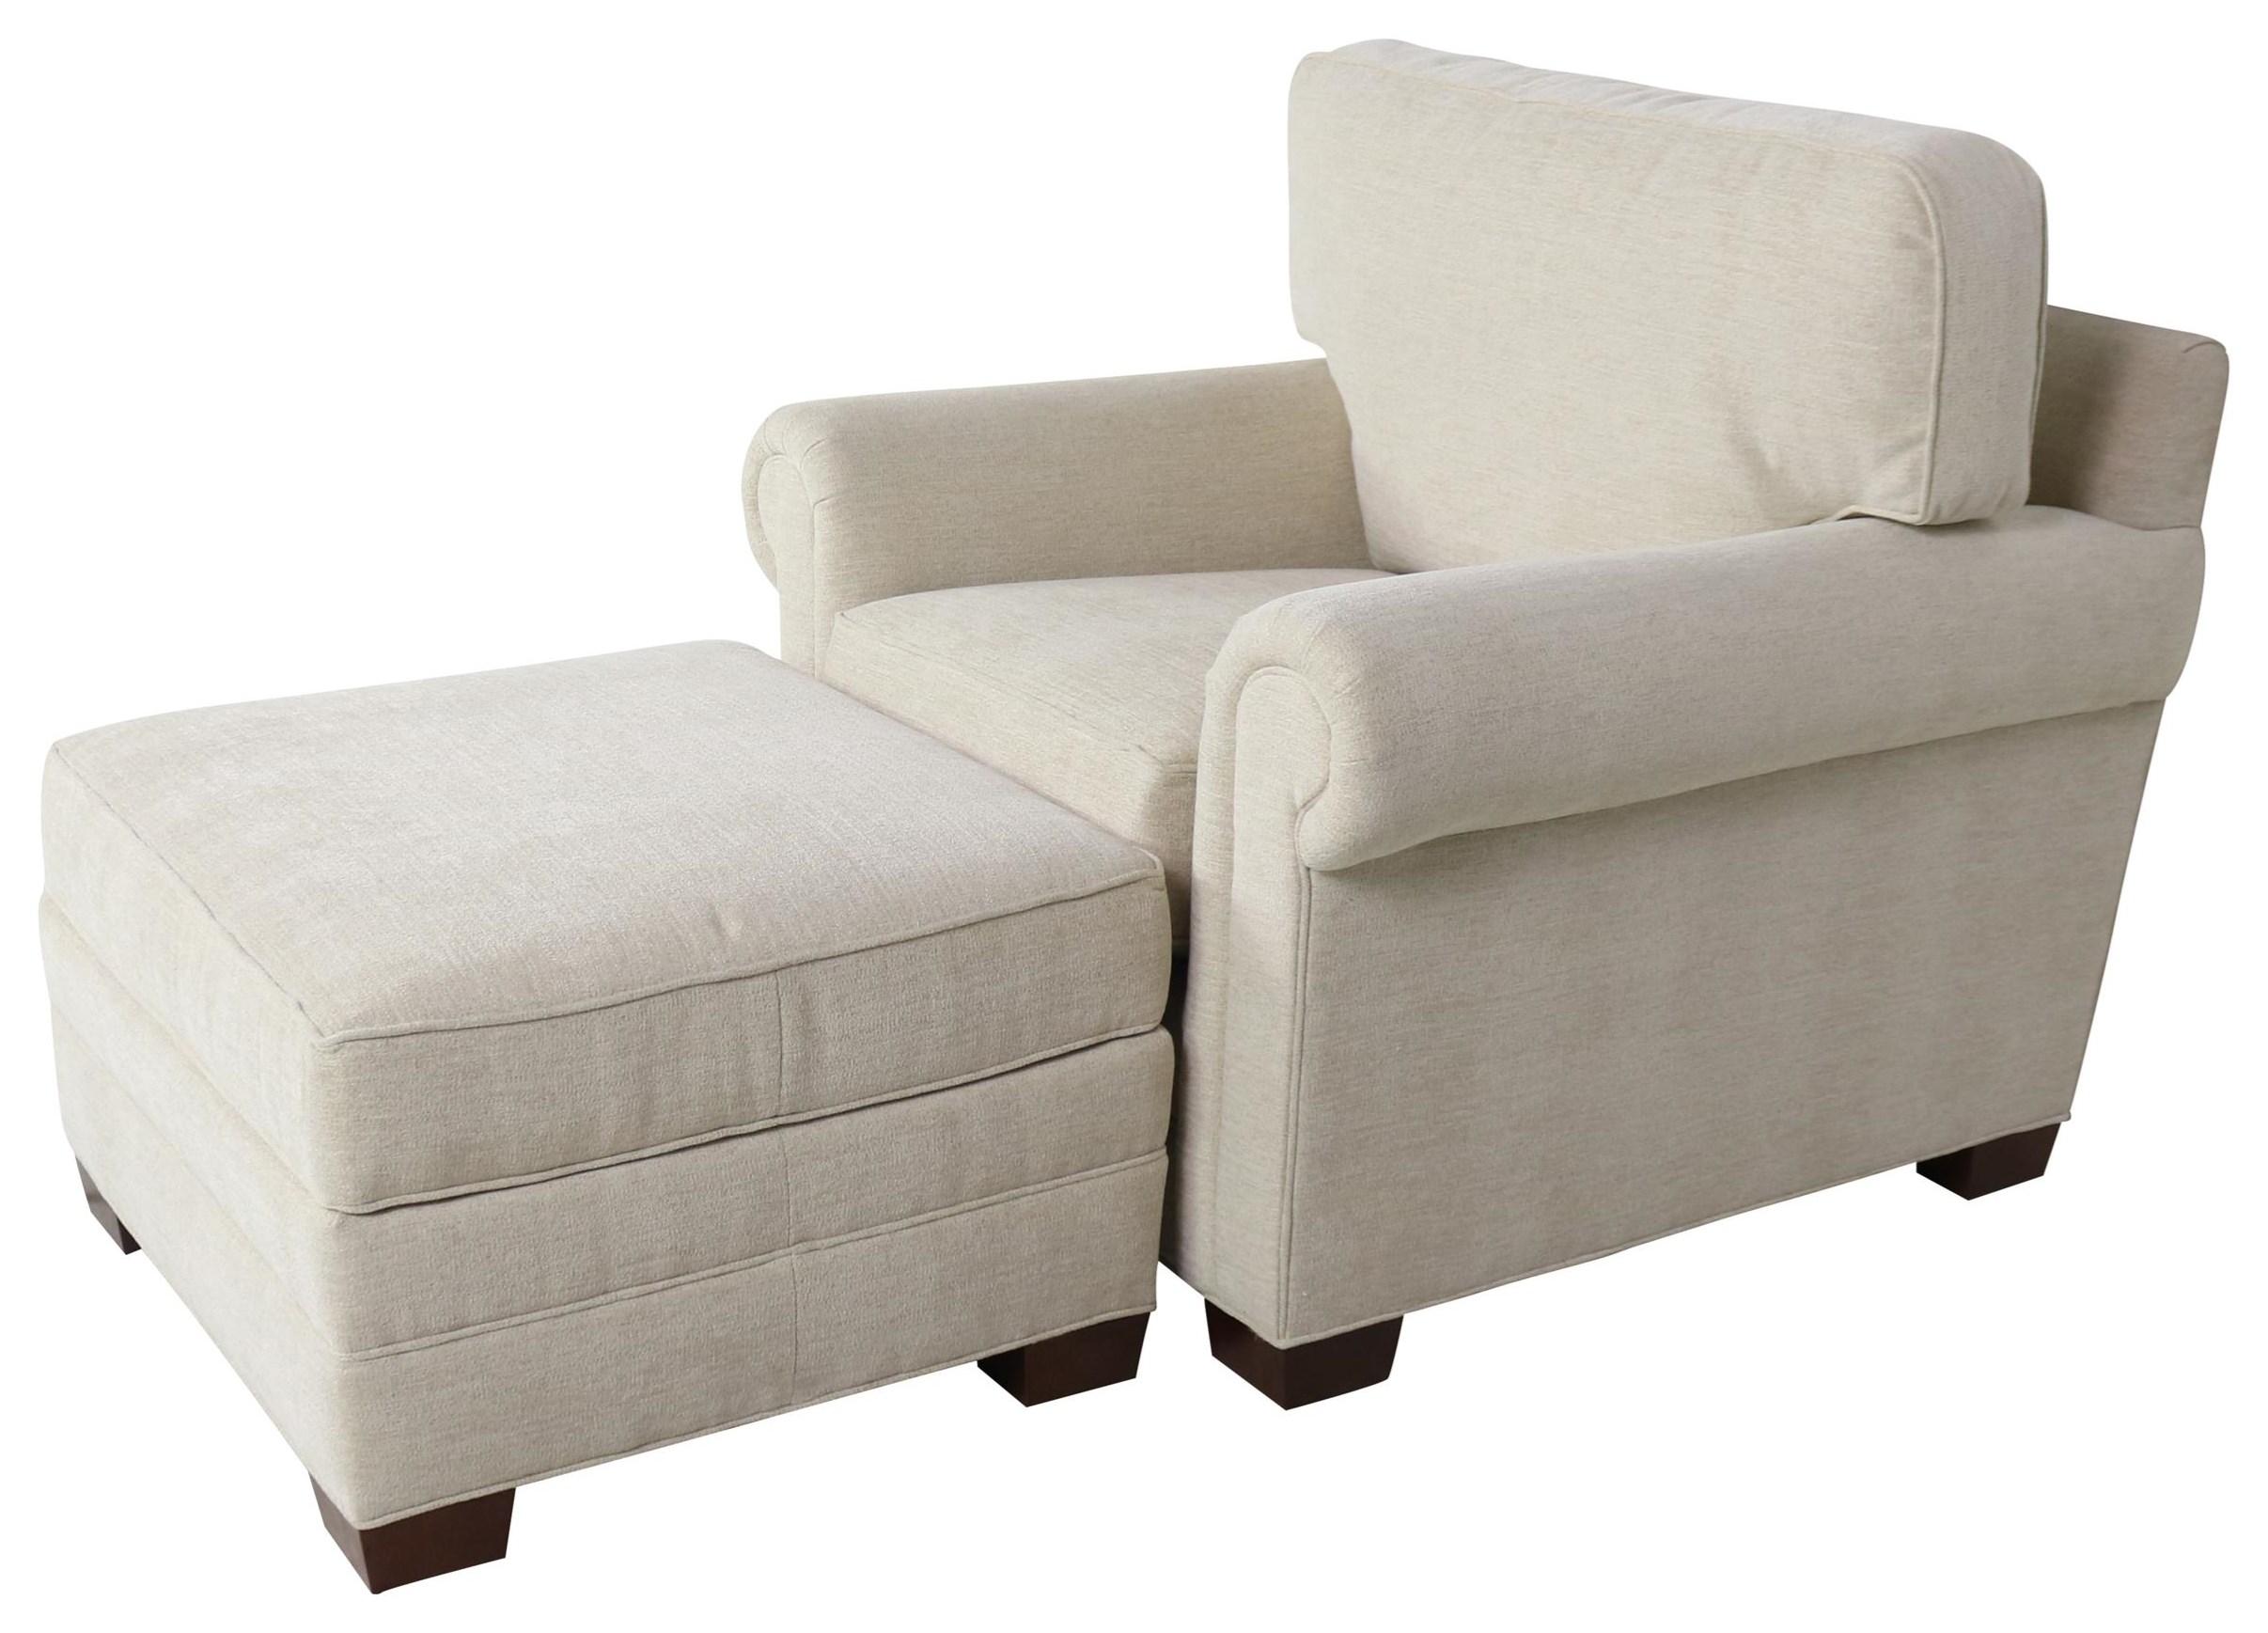 2053 Transitional Chair by Geoffrey Alexander at Sprintz Furniture